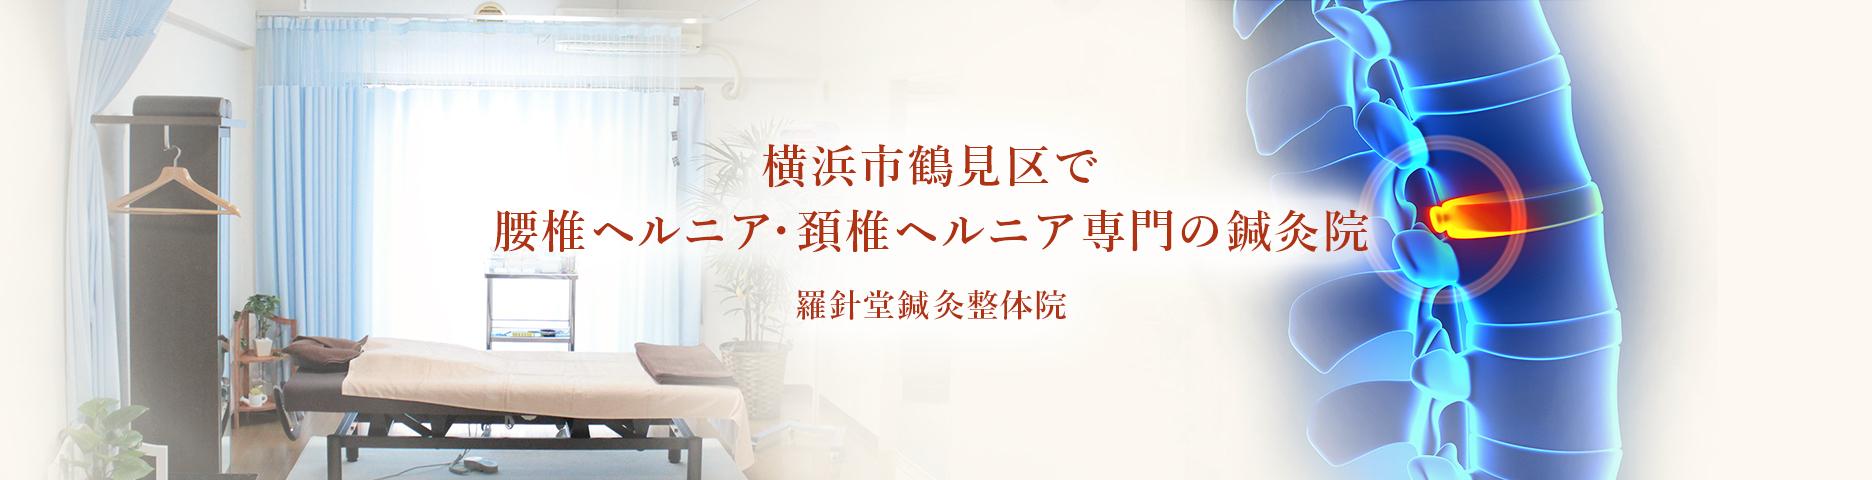 横浜市鶴見区で 腰椎ヘルニア・頚椎ヘルニア専門の鍼灸院 羅針堂鍼灸整体院